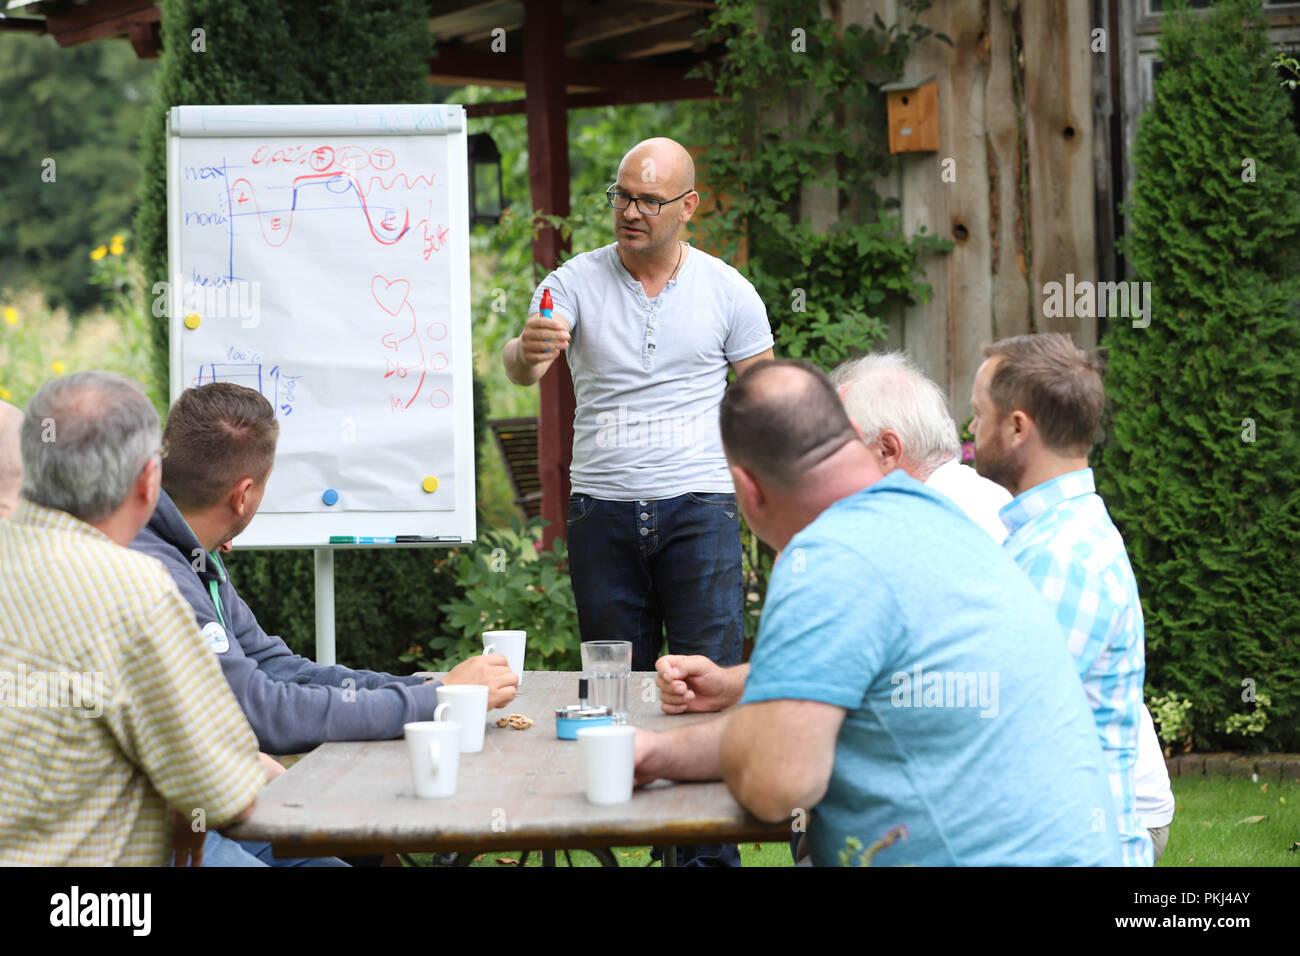 """Behavioral Trainer während einer Vorlesung zum Thema """"Stressmanagement"""" in einen sommerlichen Garten in Brandenburg/Deutschland. Stockfoto"""